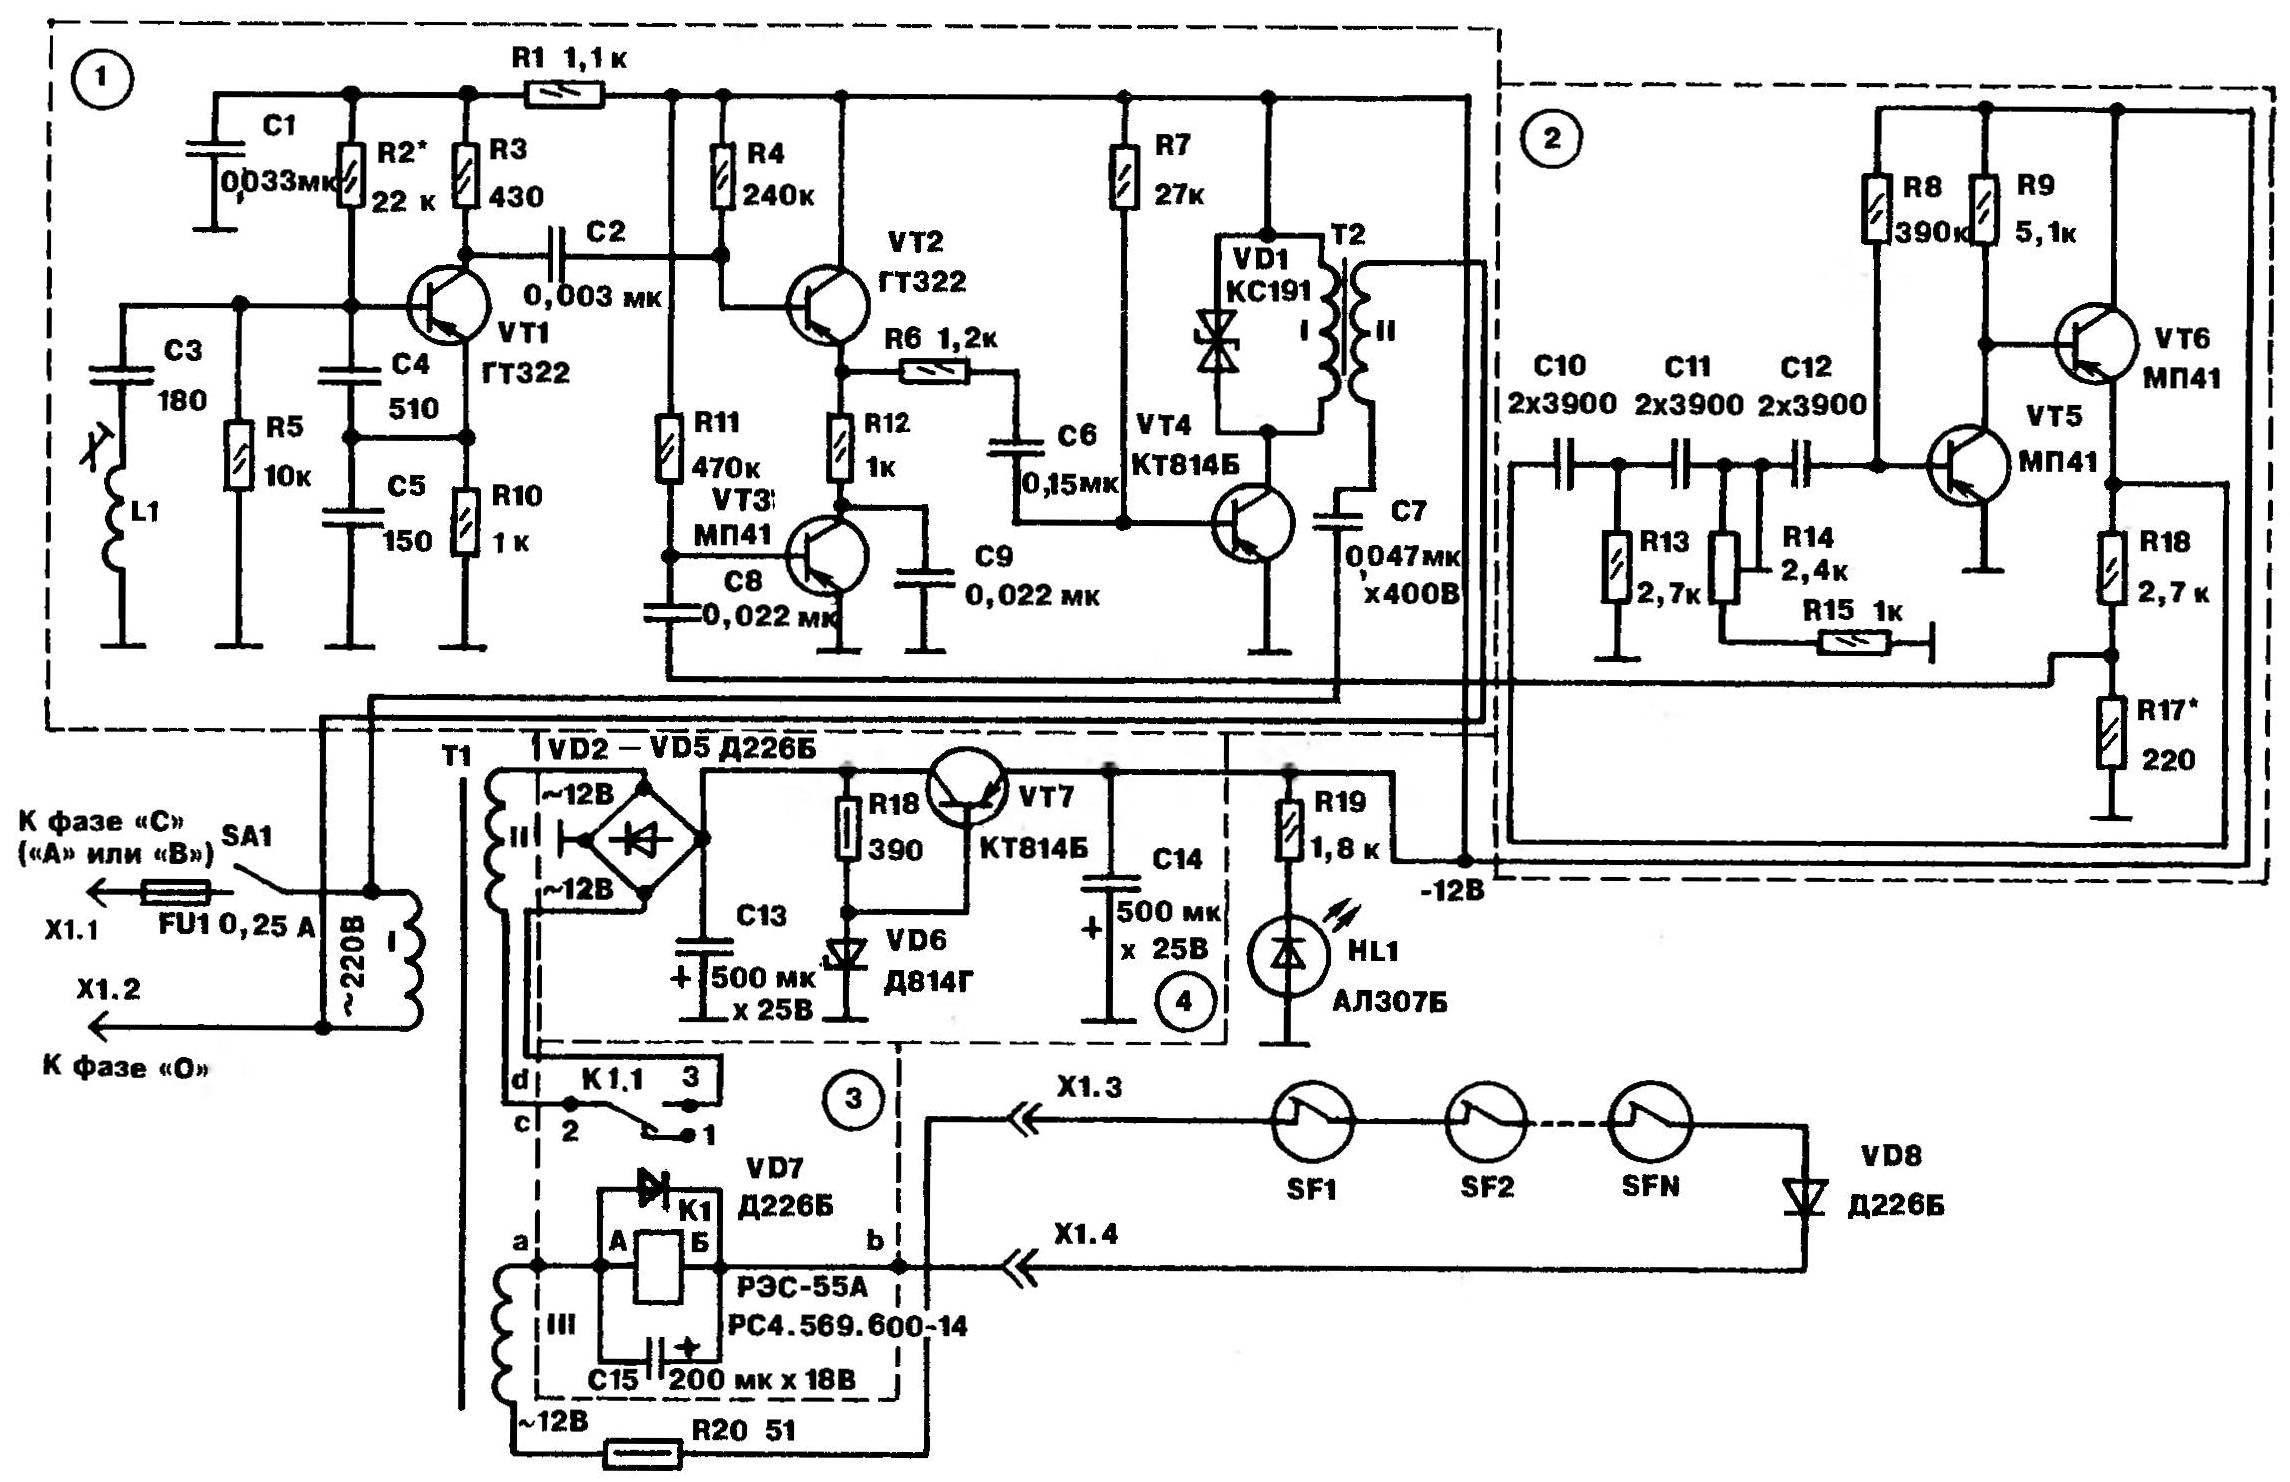 Рис. 1. Принципиальная электрическая схема передающего устройства